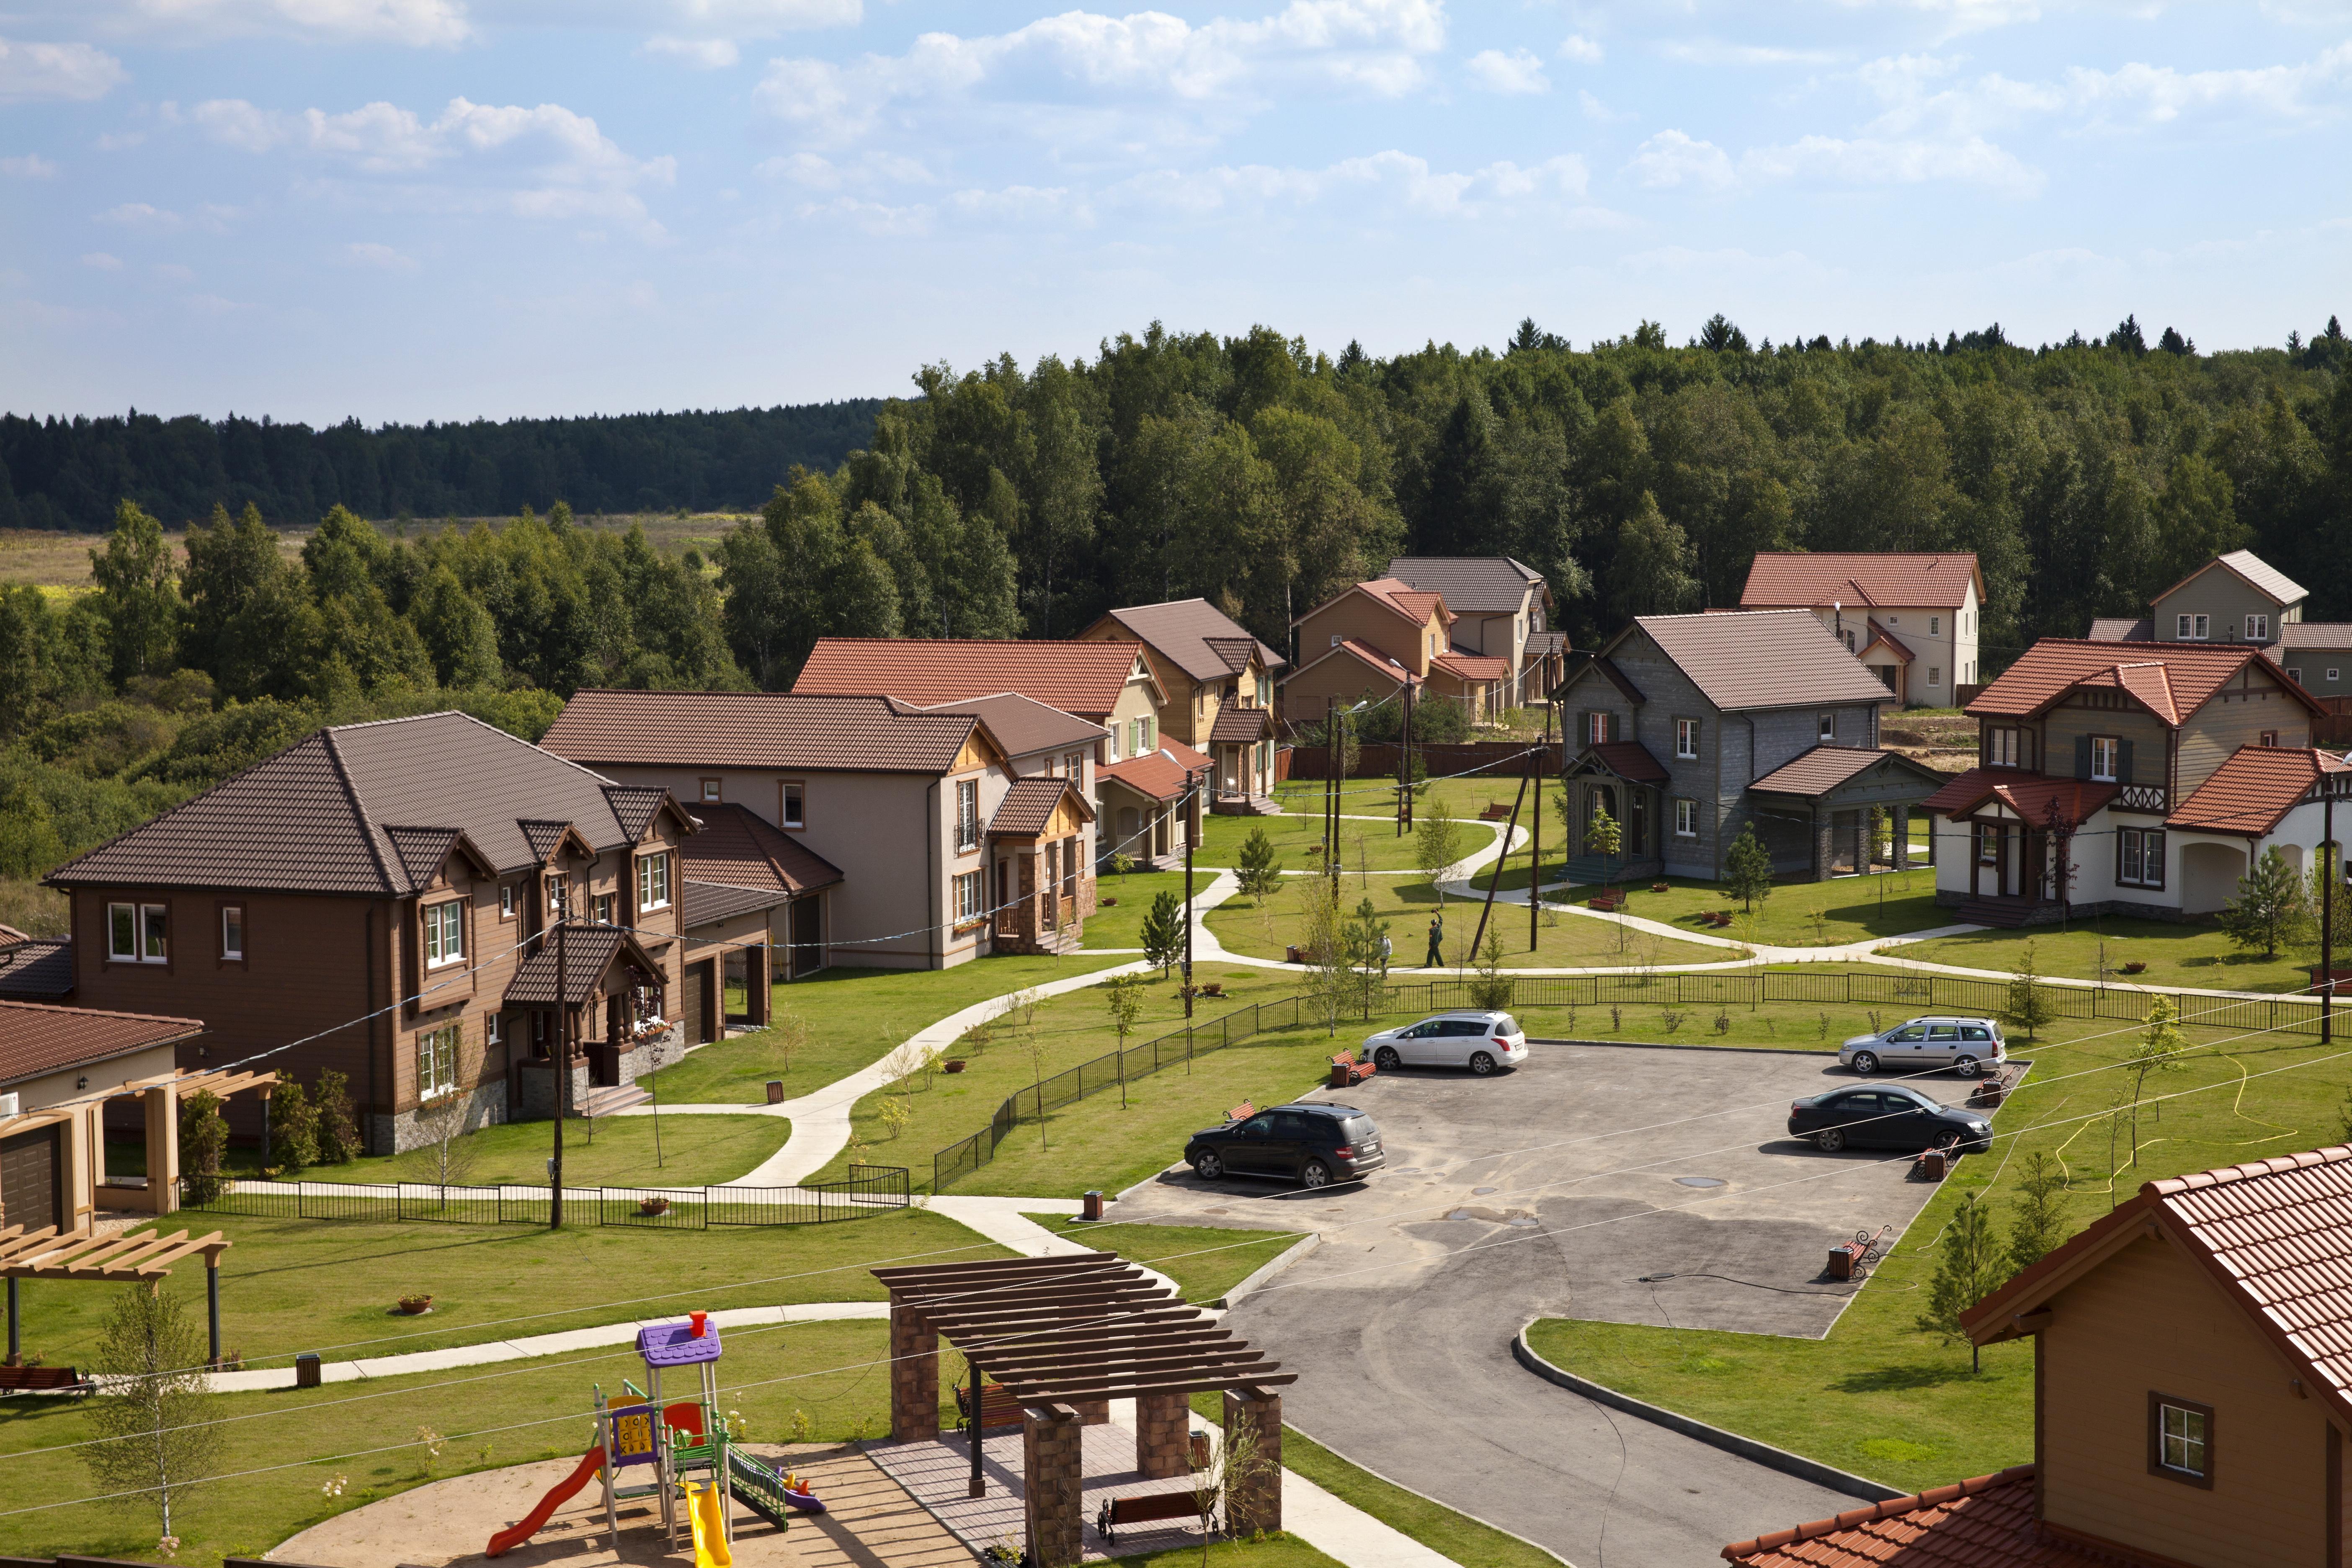 В Подмосковье зафиксирован всплеск спроса на посуточную аренду домов